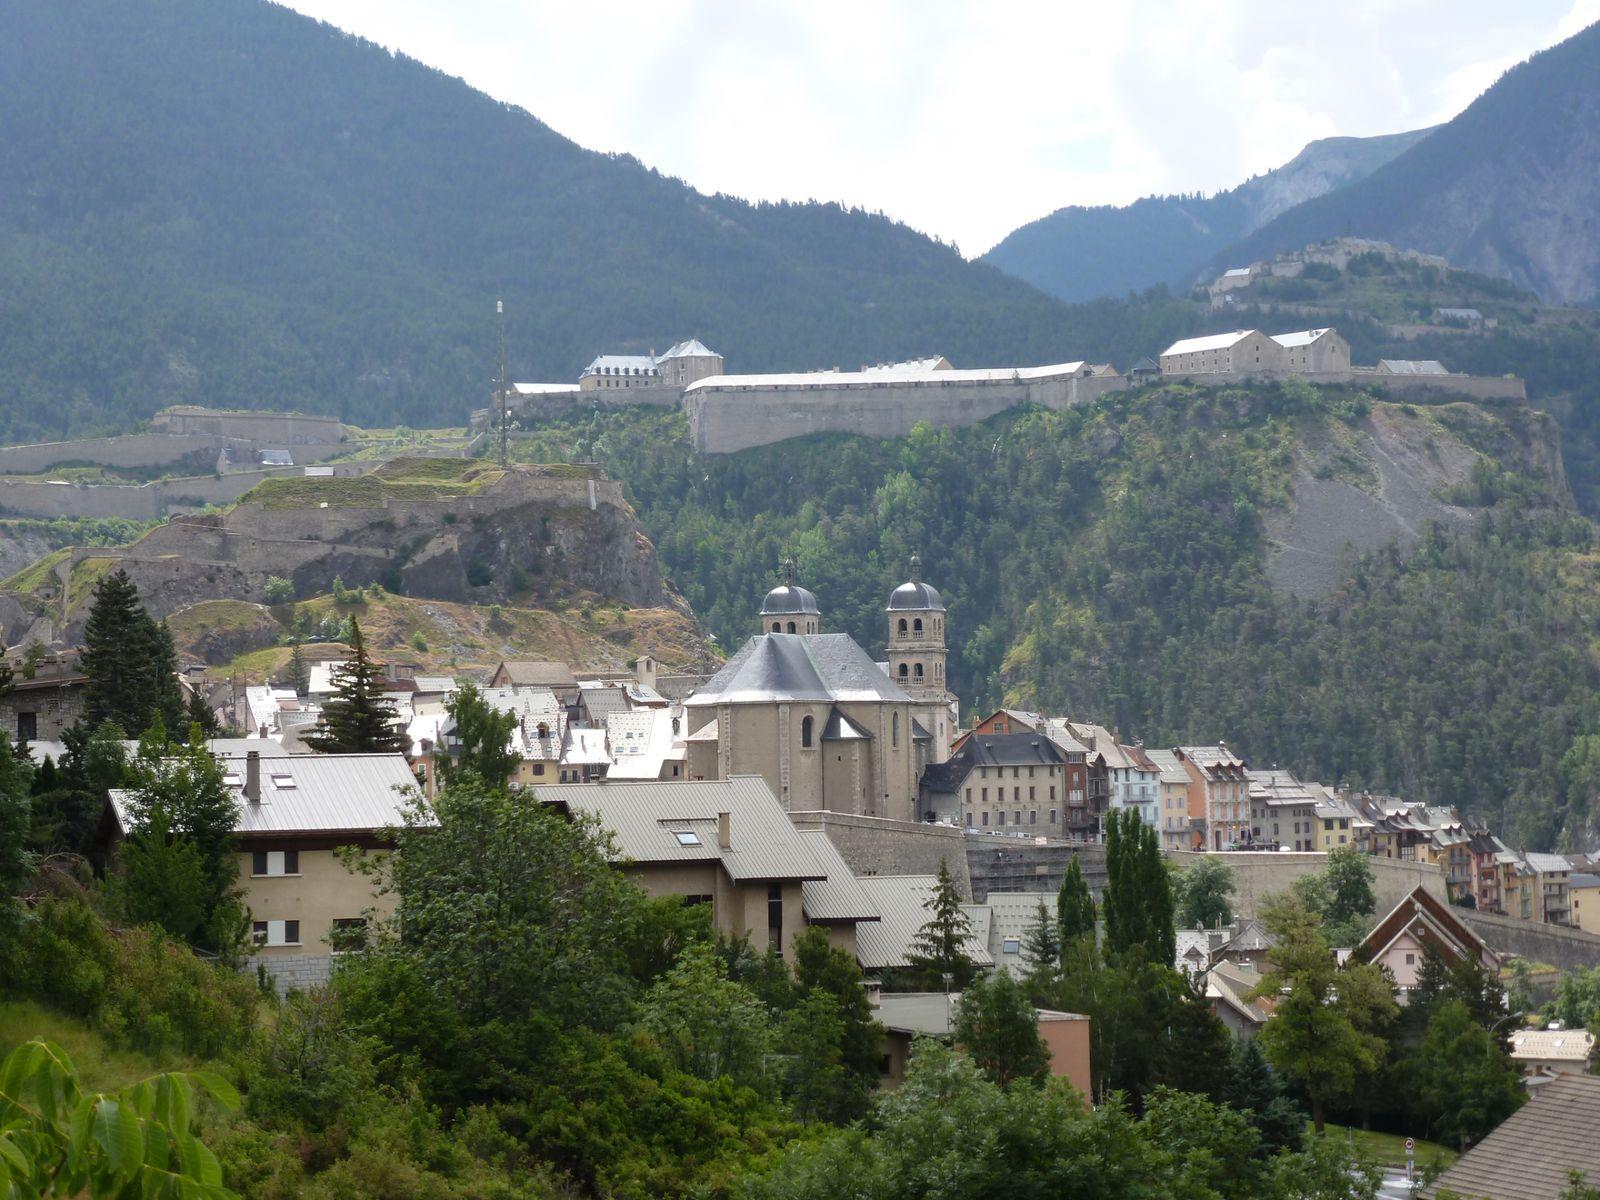 Vue sur Briançon et la cité Vauban, depuis la petite route de l'hopital